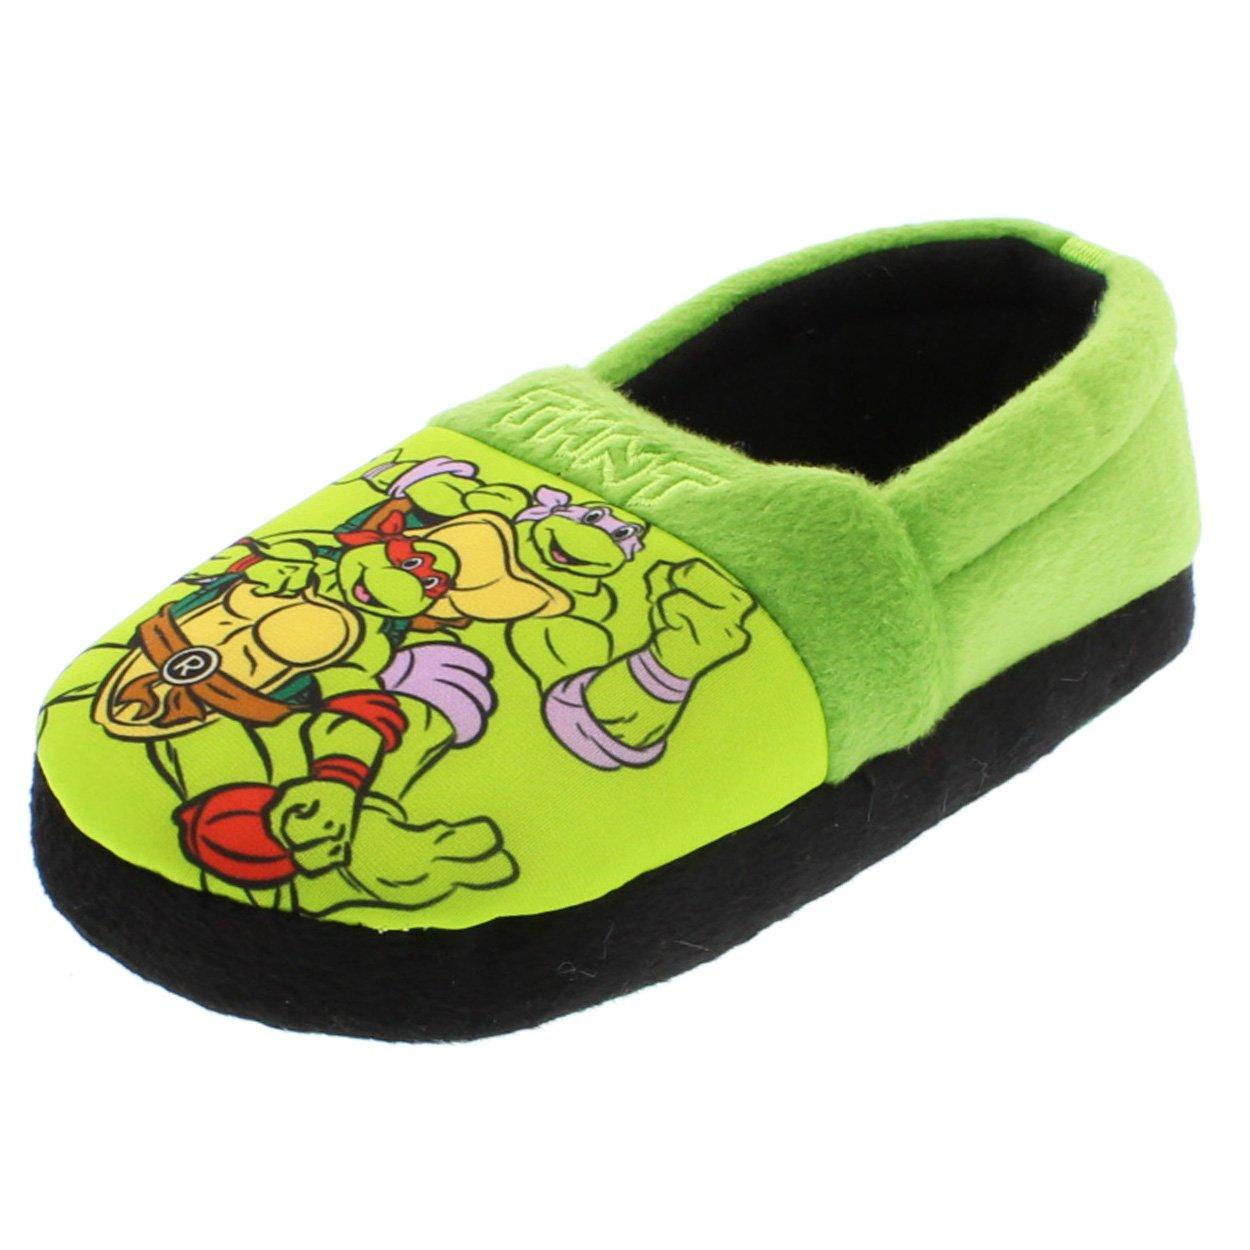 TMNT Teenage Mutant Ninja Turtles Boys Aline Slippers (Toddler/Little Kid)